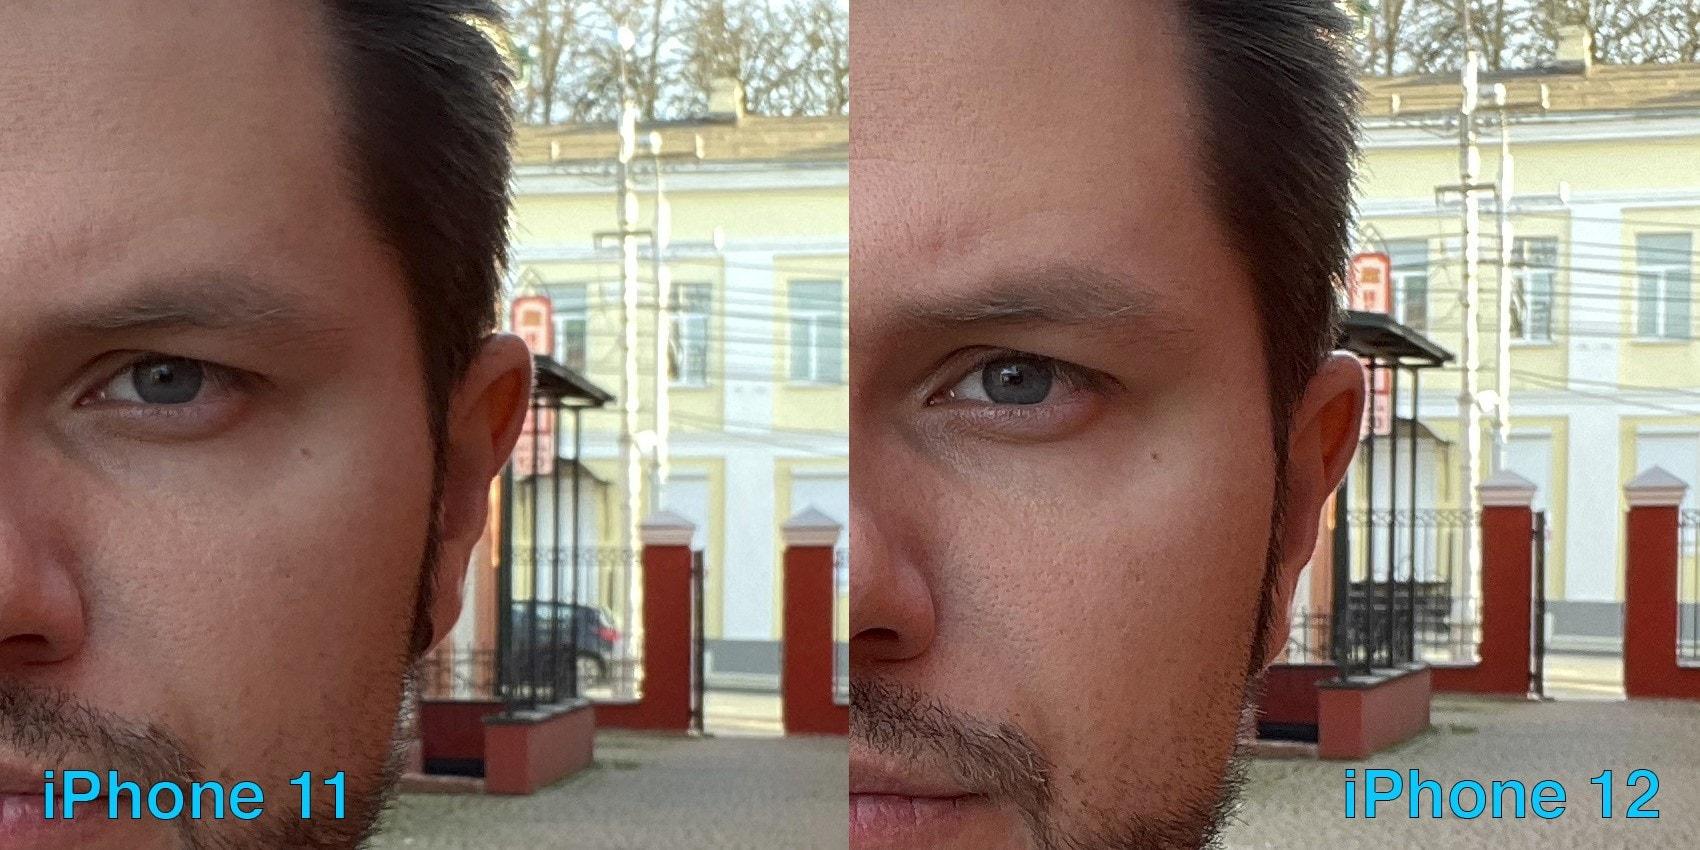 камера айфон 11 и айфон 12